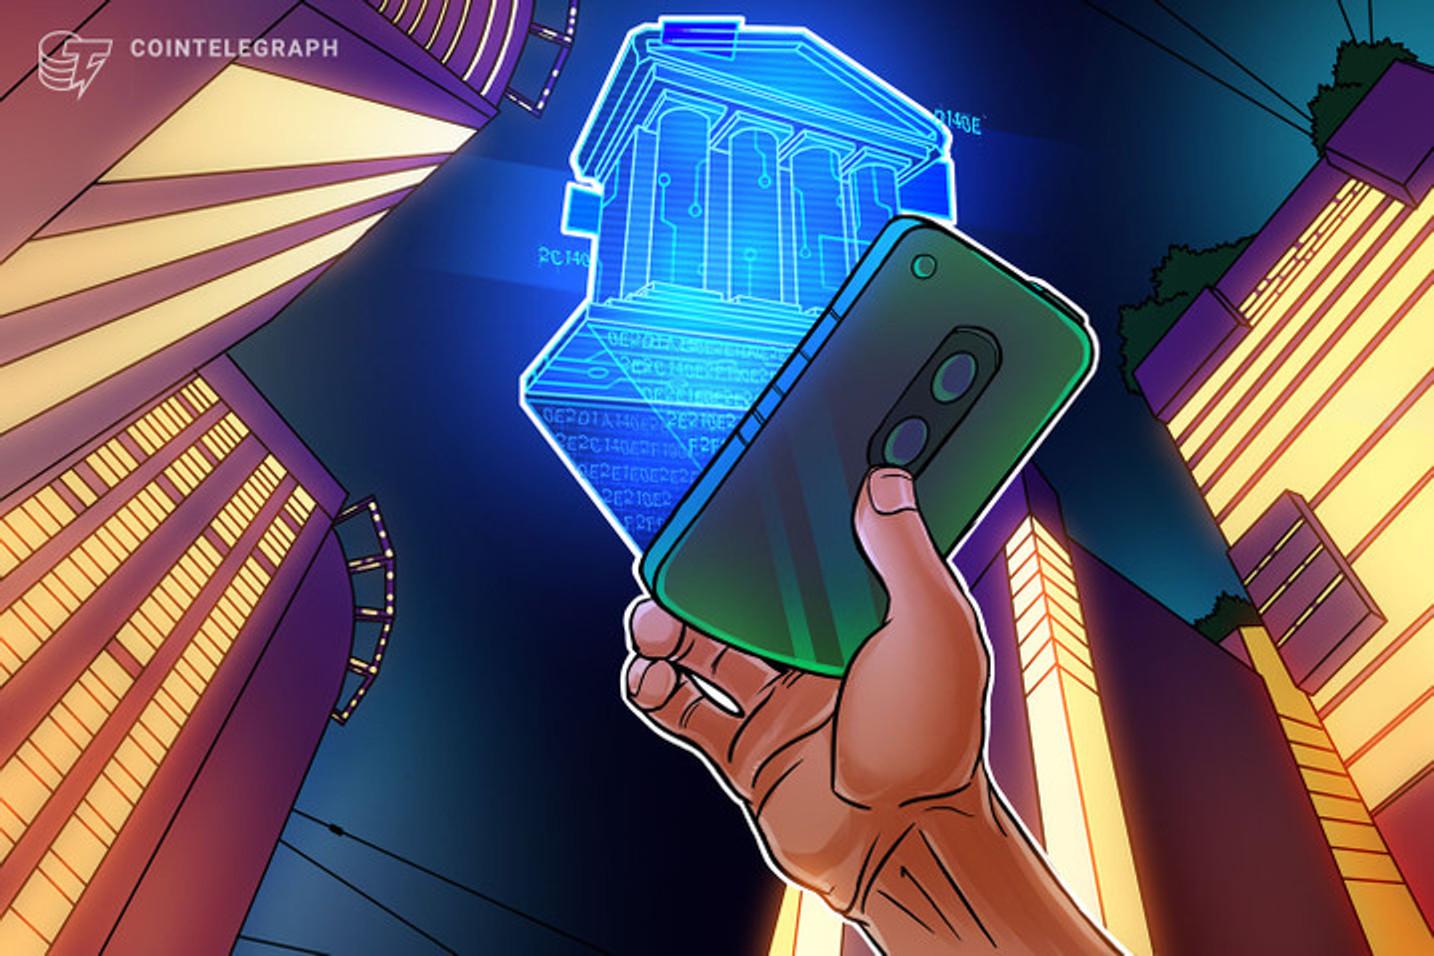 Ripple se une ao navegador Brave e á Blockchain.com para lançar uma identidade universal para pagamentos